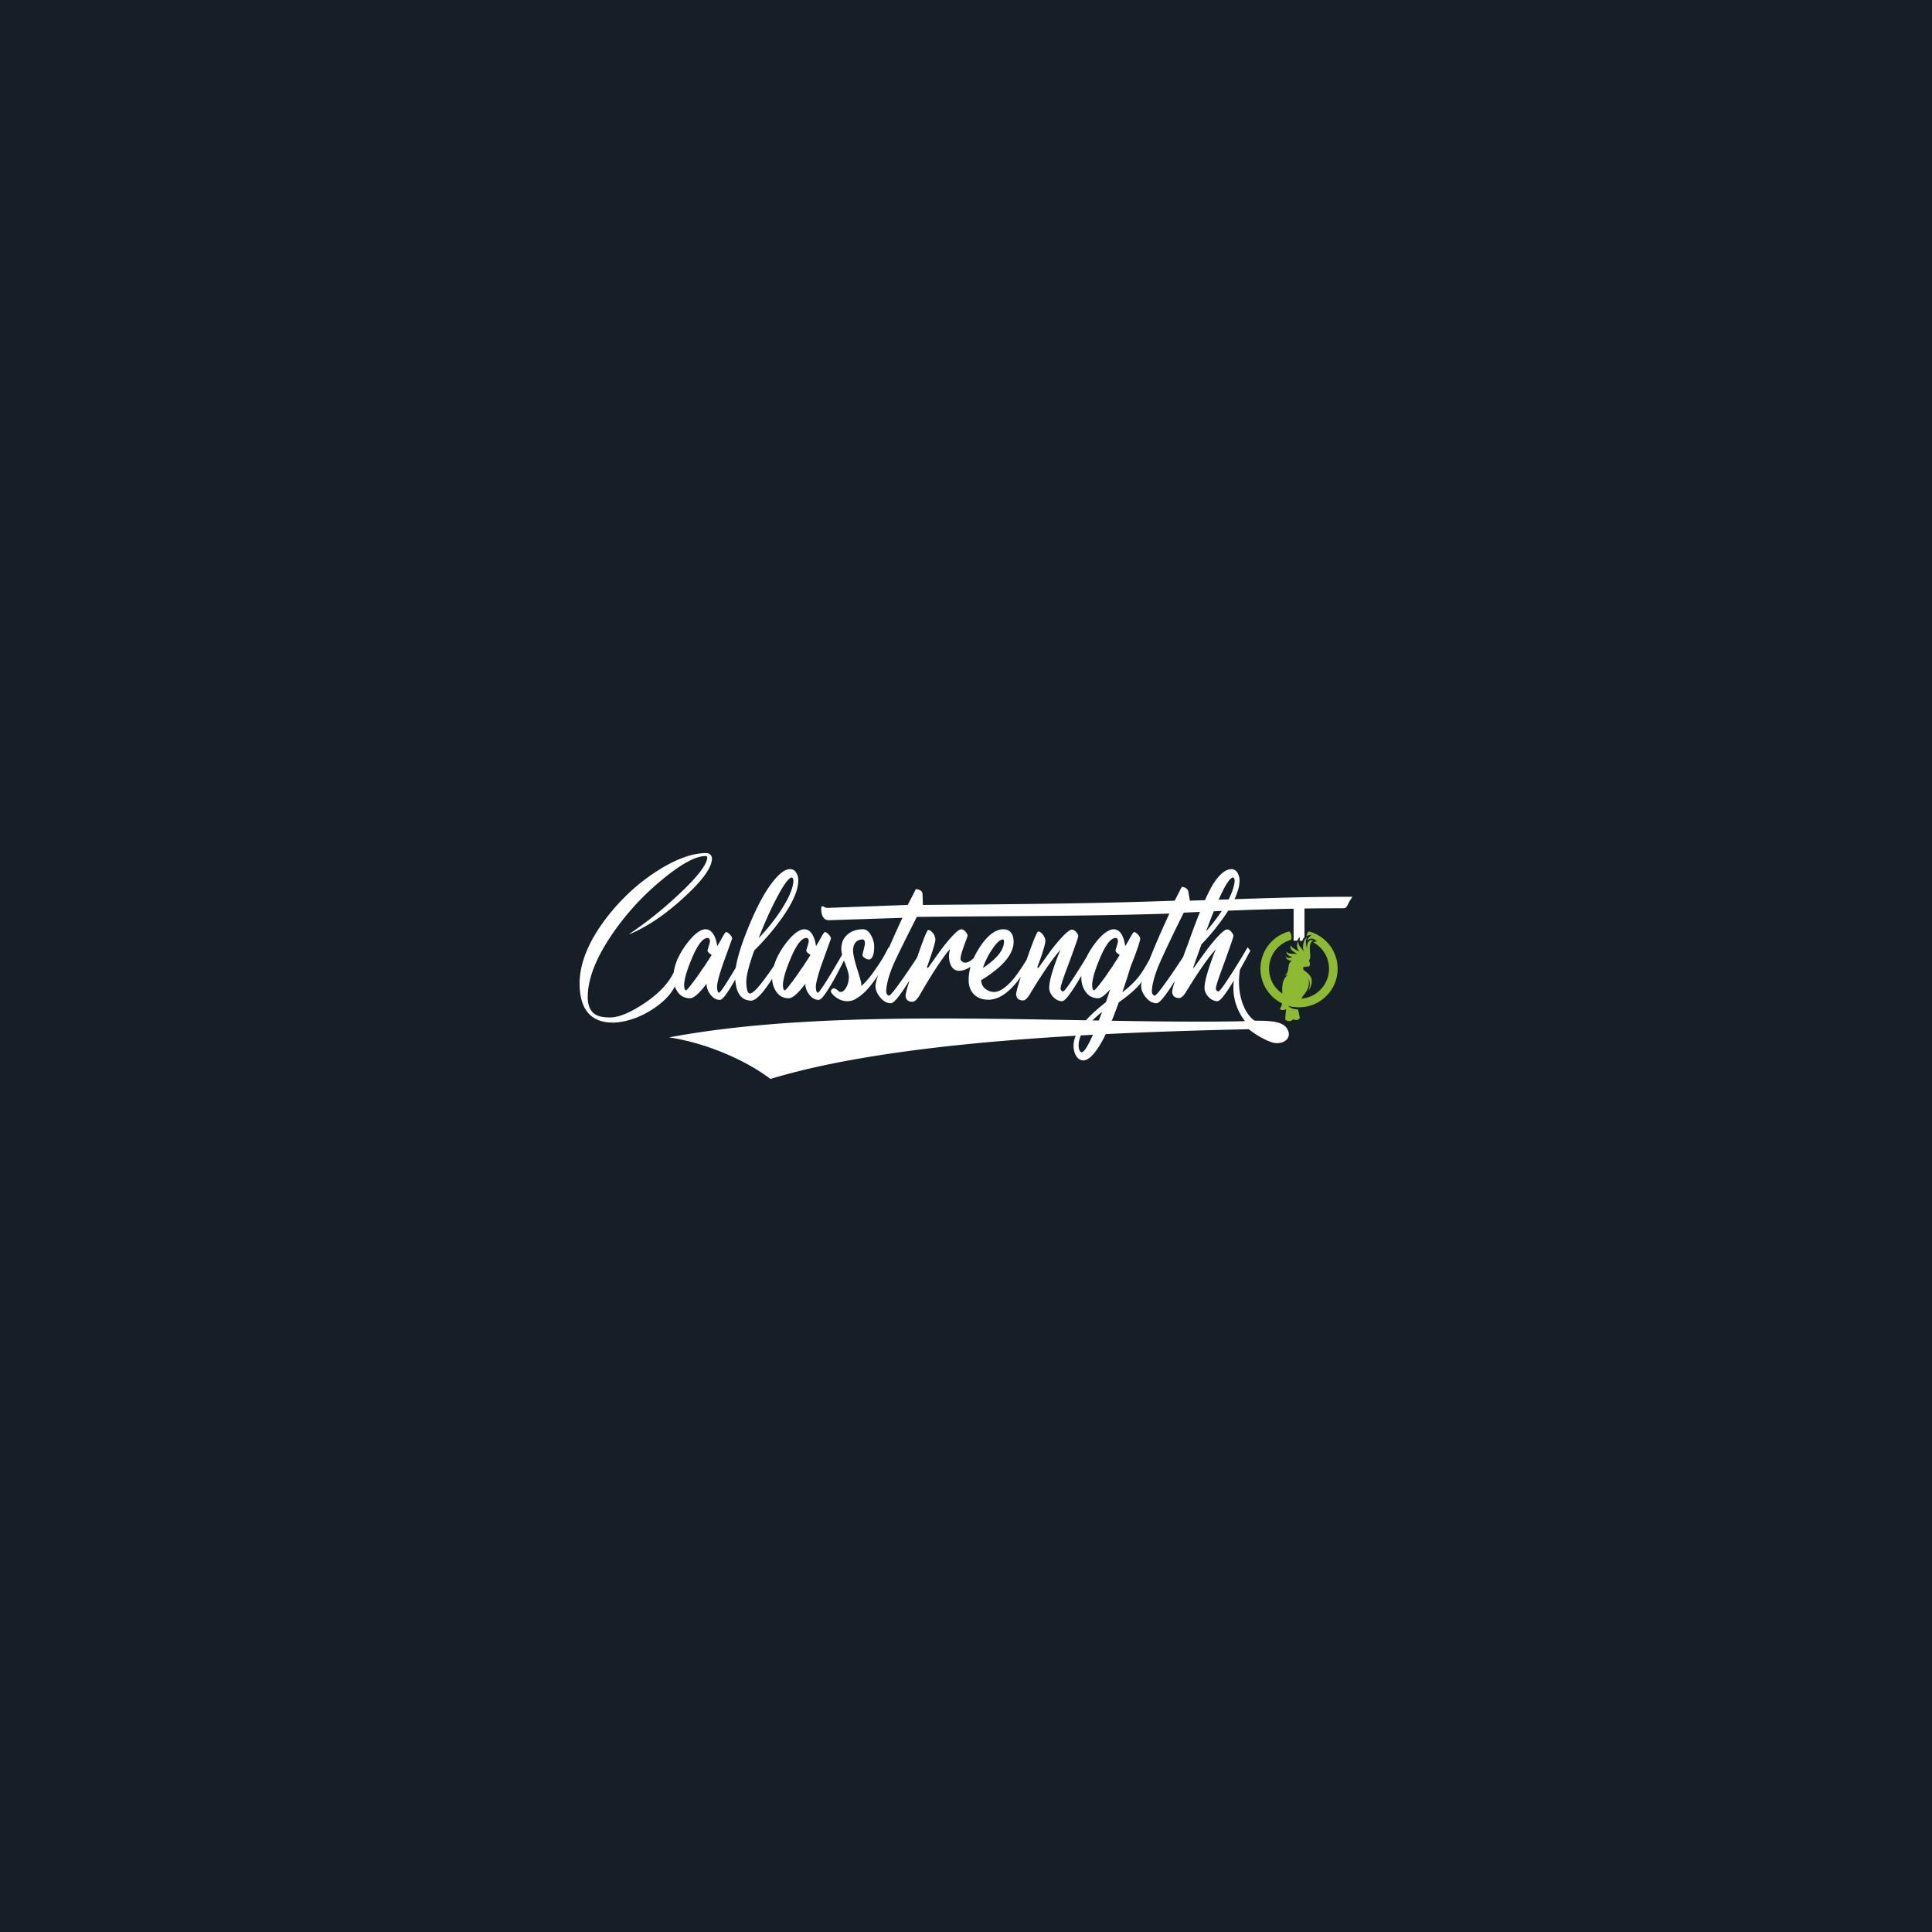 fitness brand logo for Calisthenic personal trainer/athlete